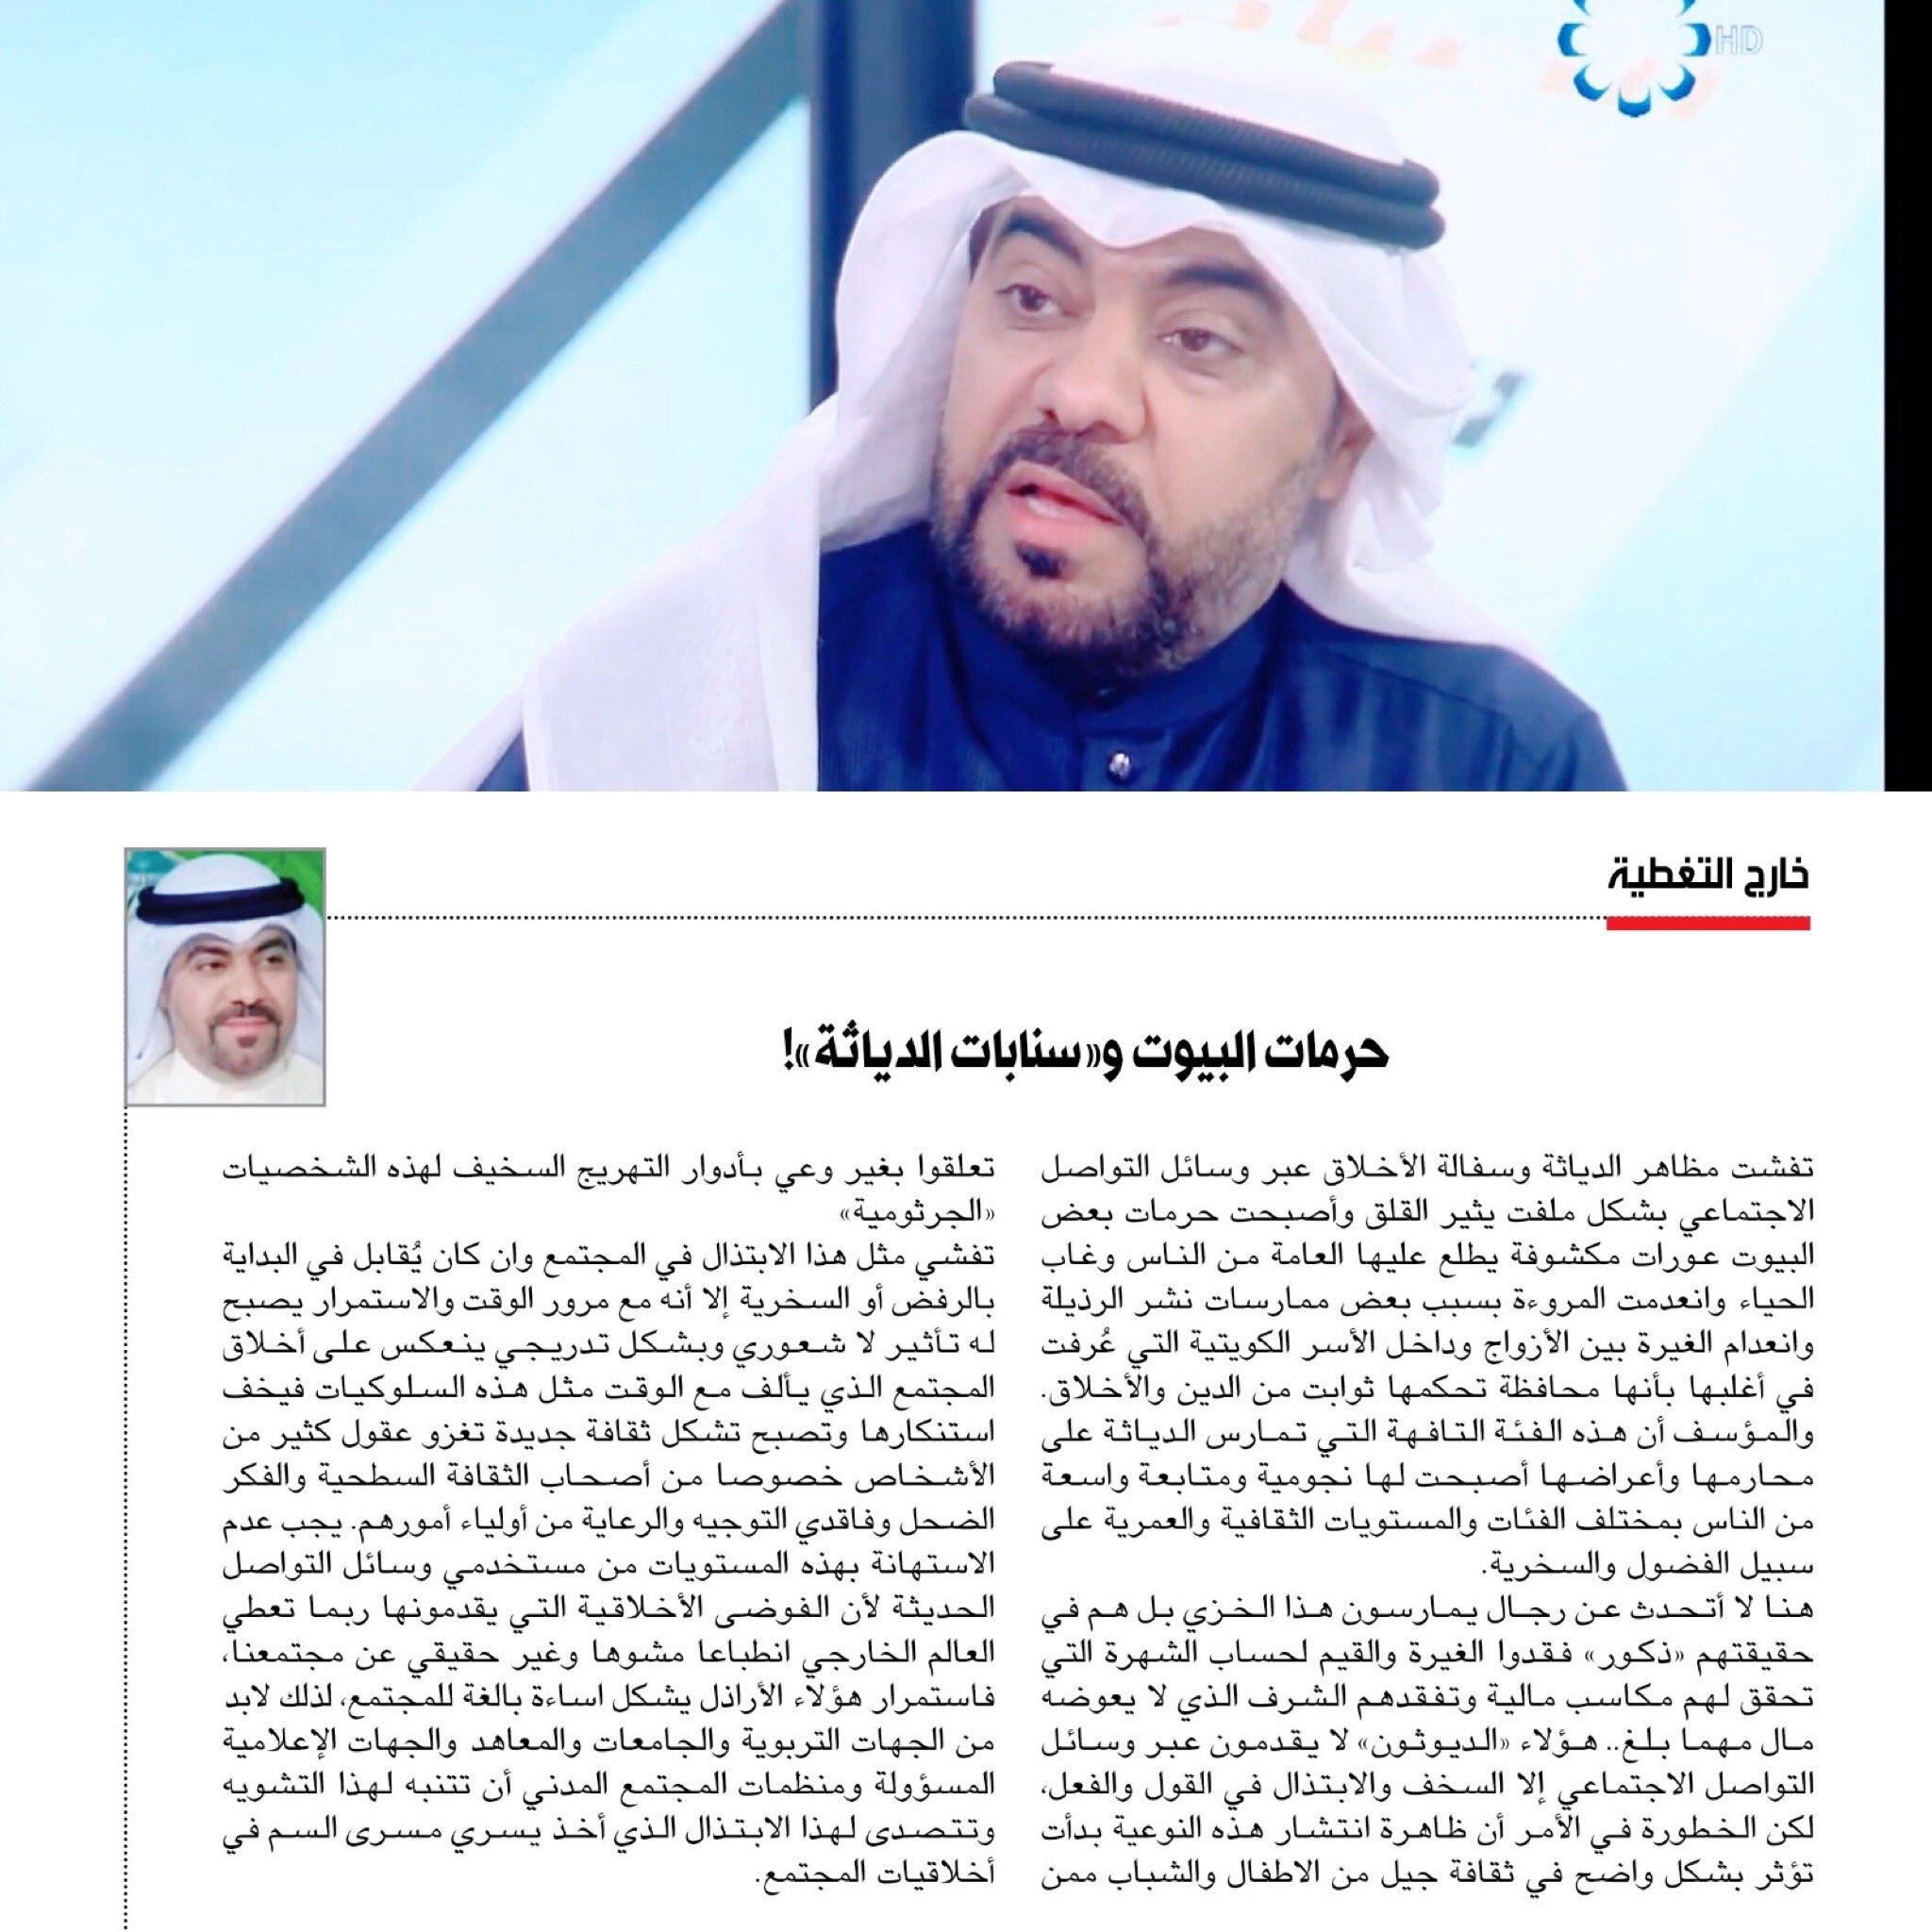 img 8498 - (حرمات البيوت وسنابات الدياثة!)  مقال/ د.ناصر خميس المطيري 